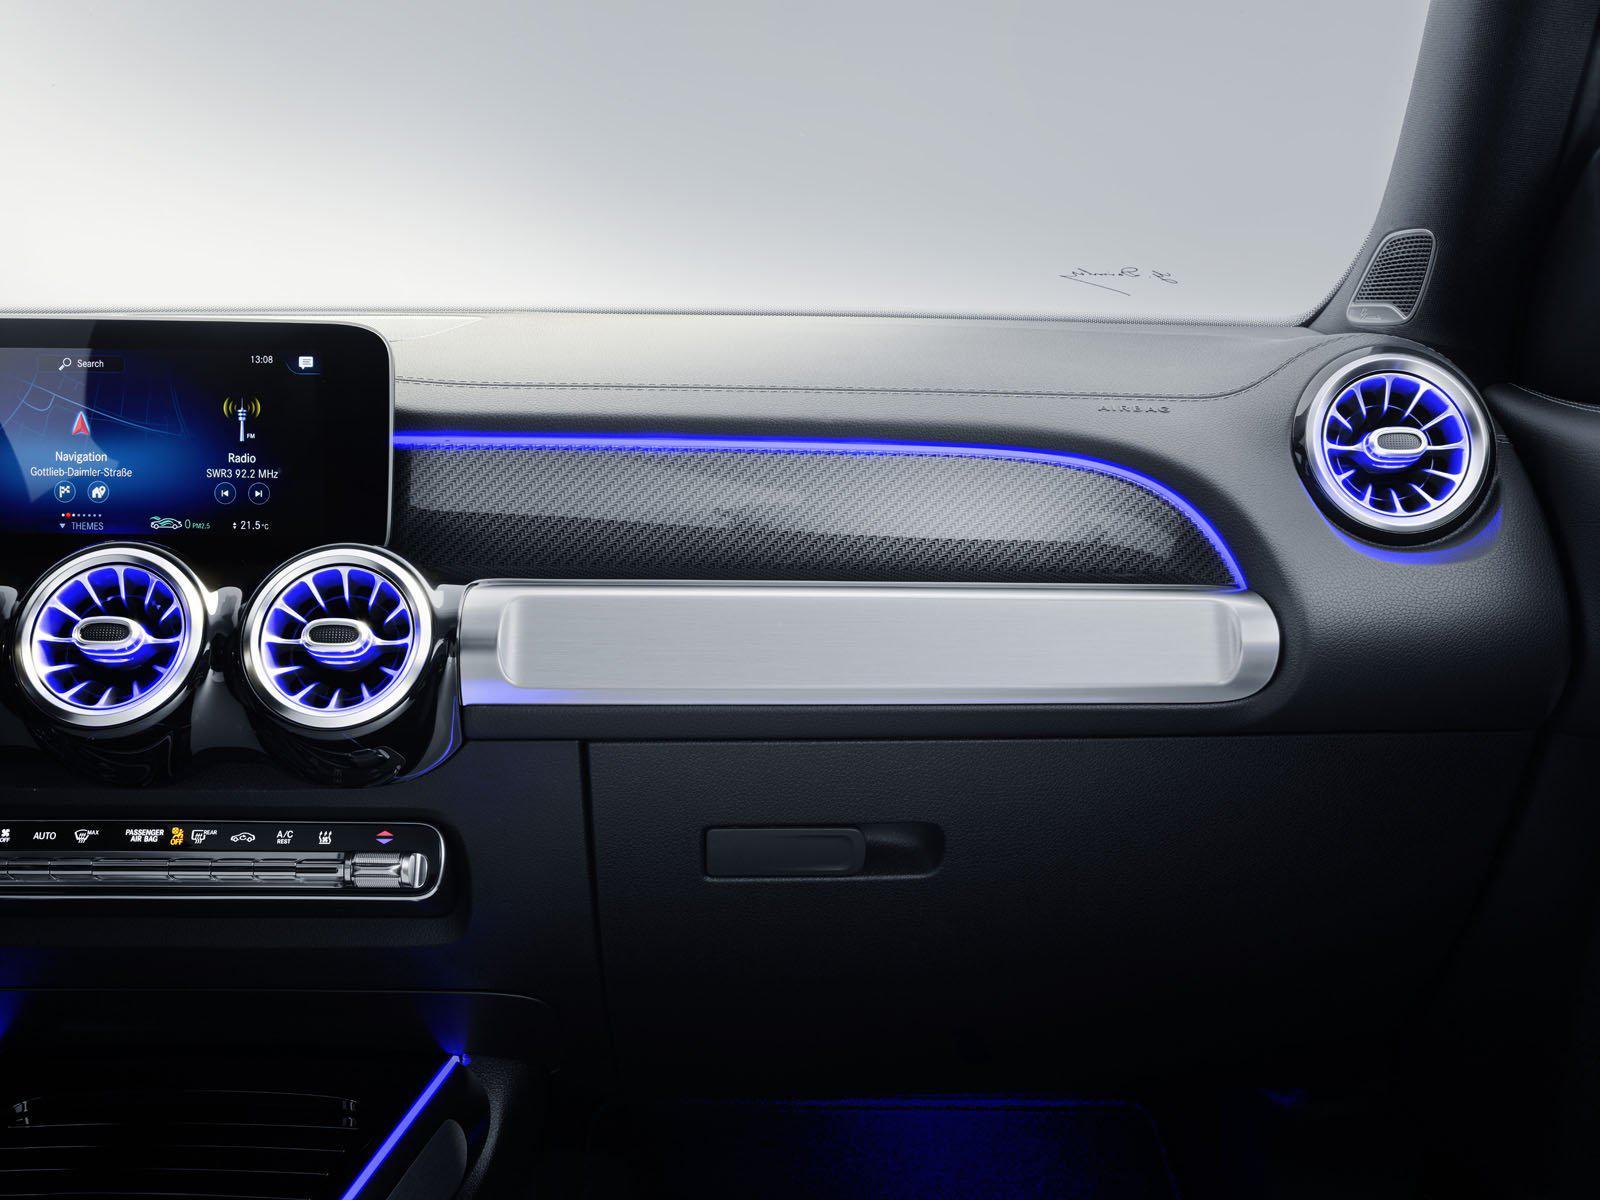 Ngắm trước Mercedes GLB sắp ra mắt với lựa chọn 7 chỗ Ảnh 6